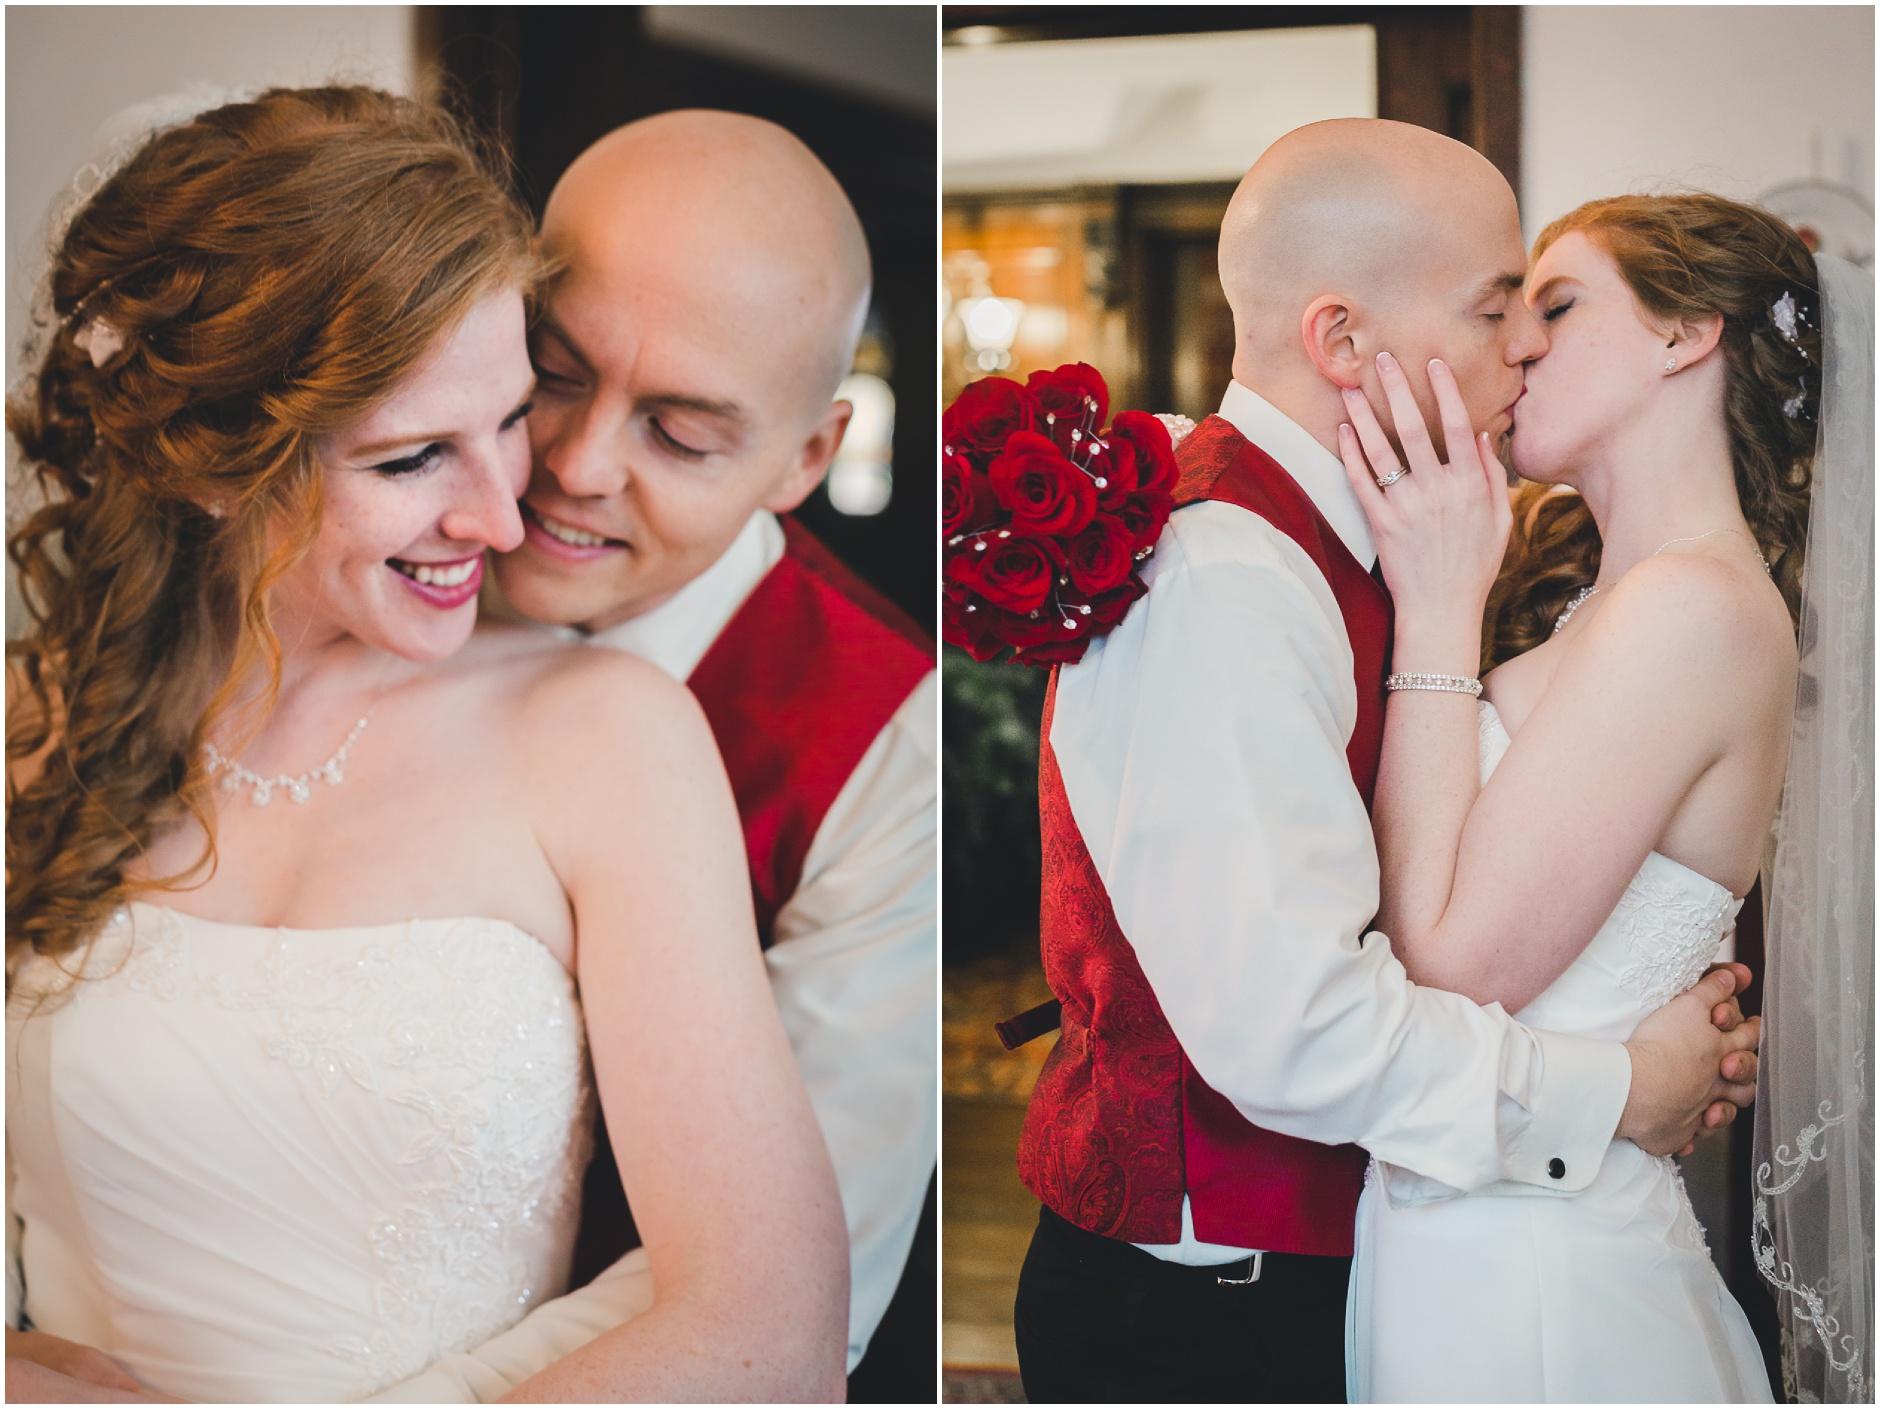 Wedding Portrait Photographer Buffalo NY